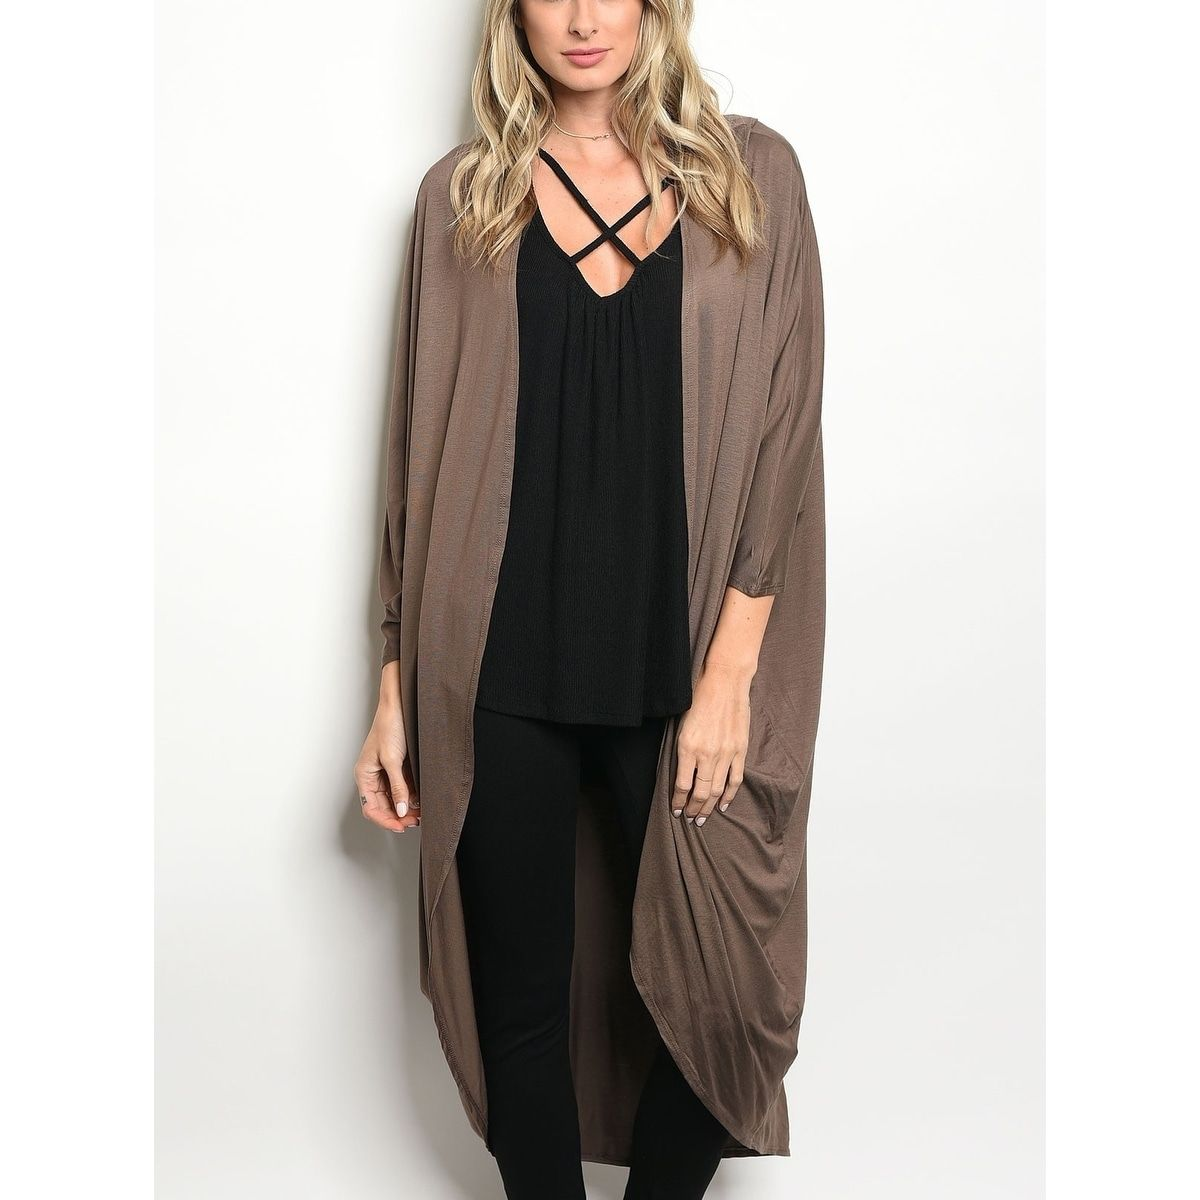 JED Women's 3/4 Sleeve Soft & Drapey Longline Cocoon Cardigan ...